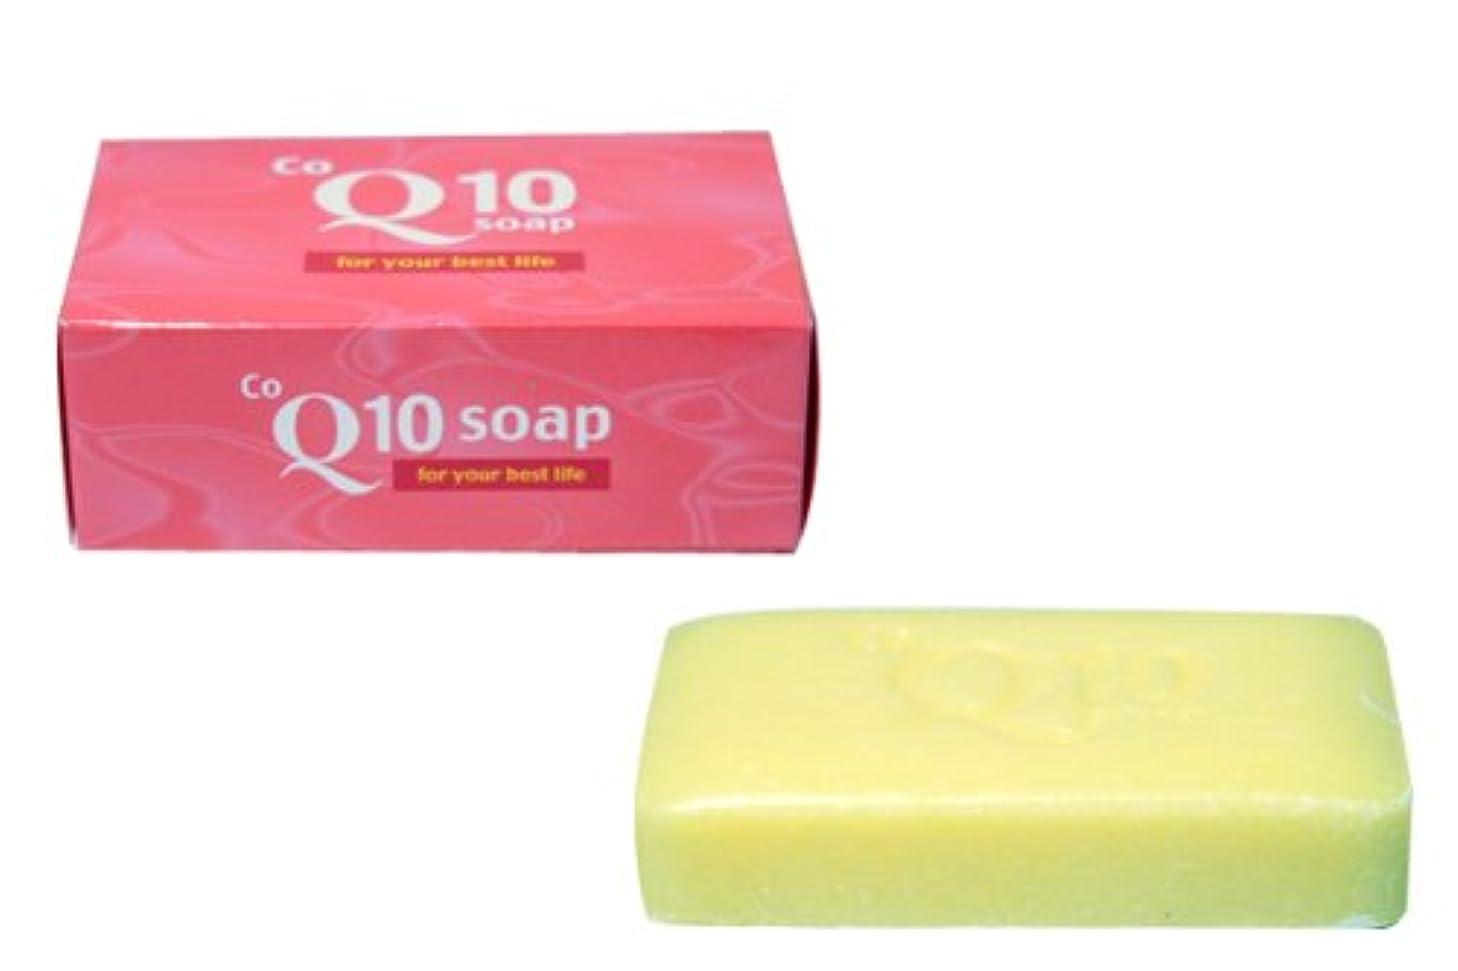 フォアタイプ見せますコメンテーターコエンザイムQ10石鹸 10個セット